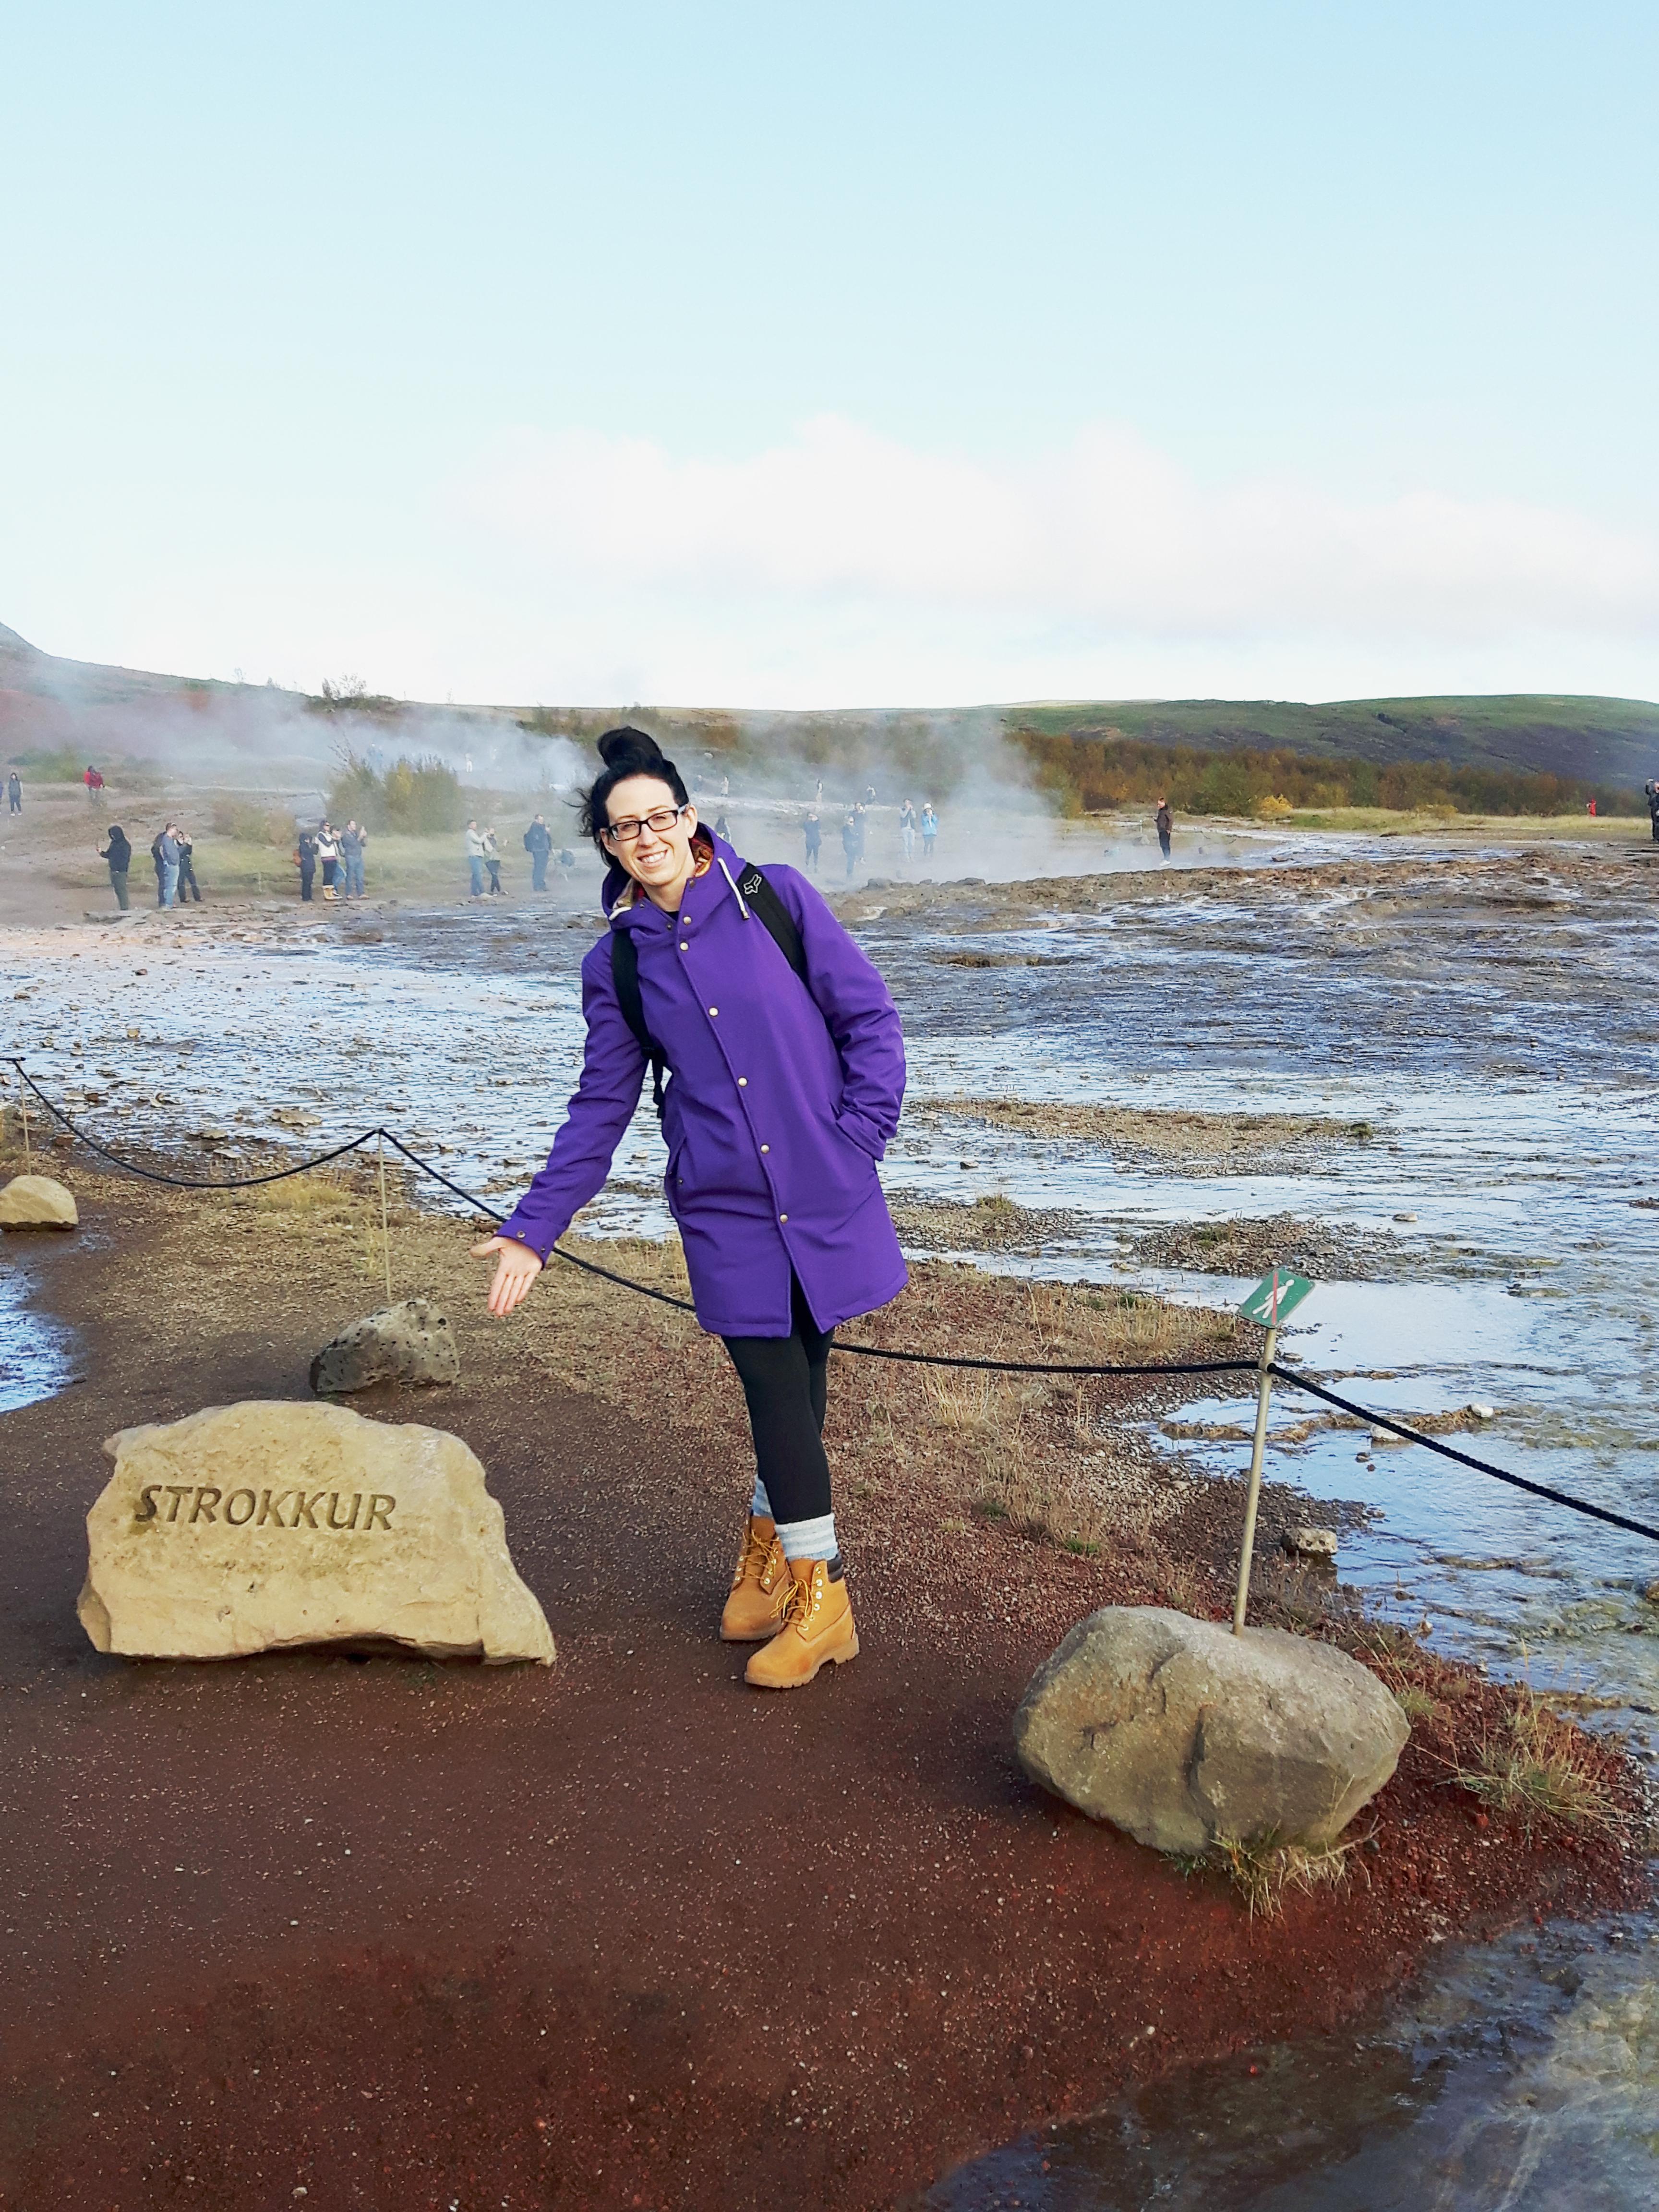 Strokkur_Geysir_Golden_Circle_Iceland